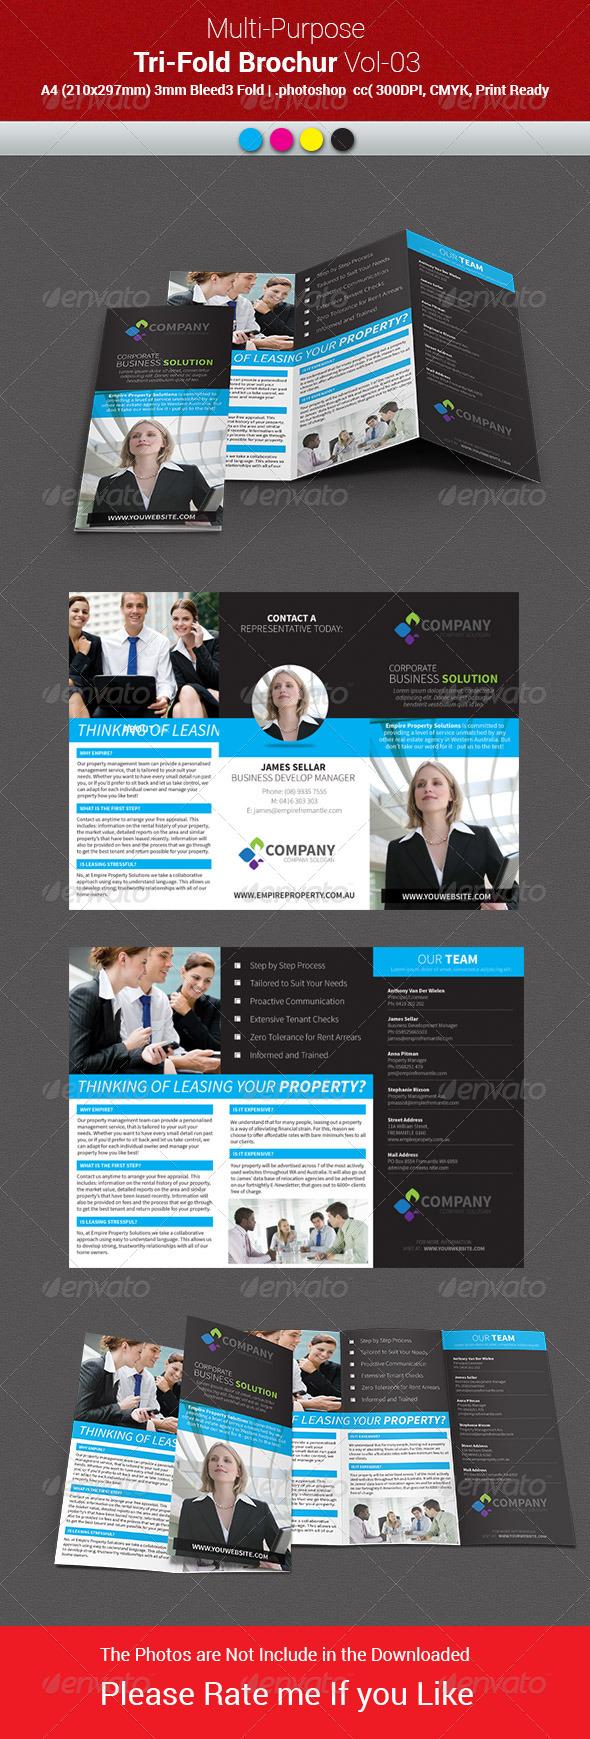 GraphicRiver Multipurpose Business Tri-Fold Brochure Vol-03 8008561